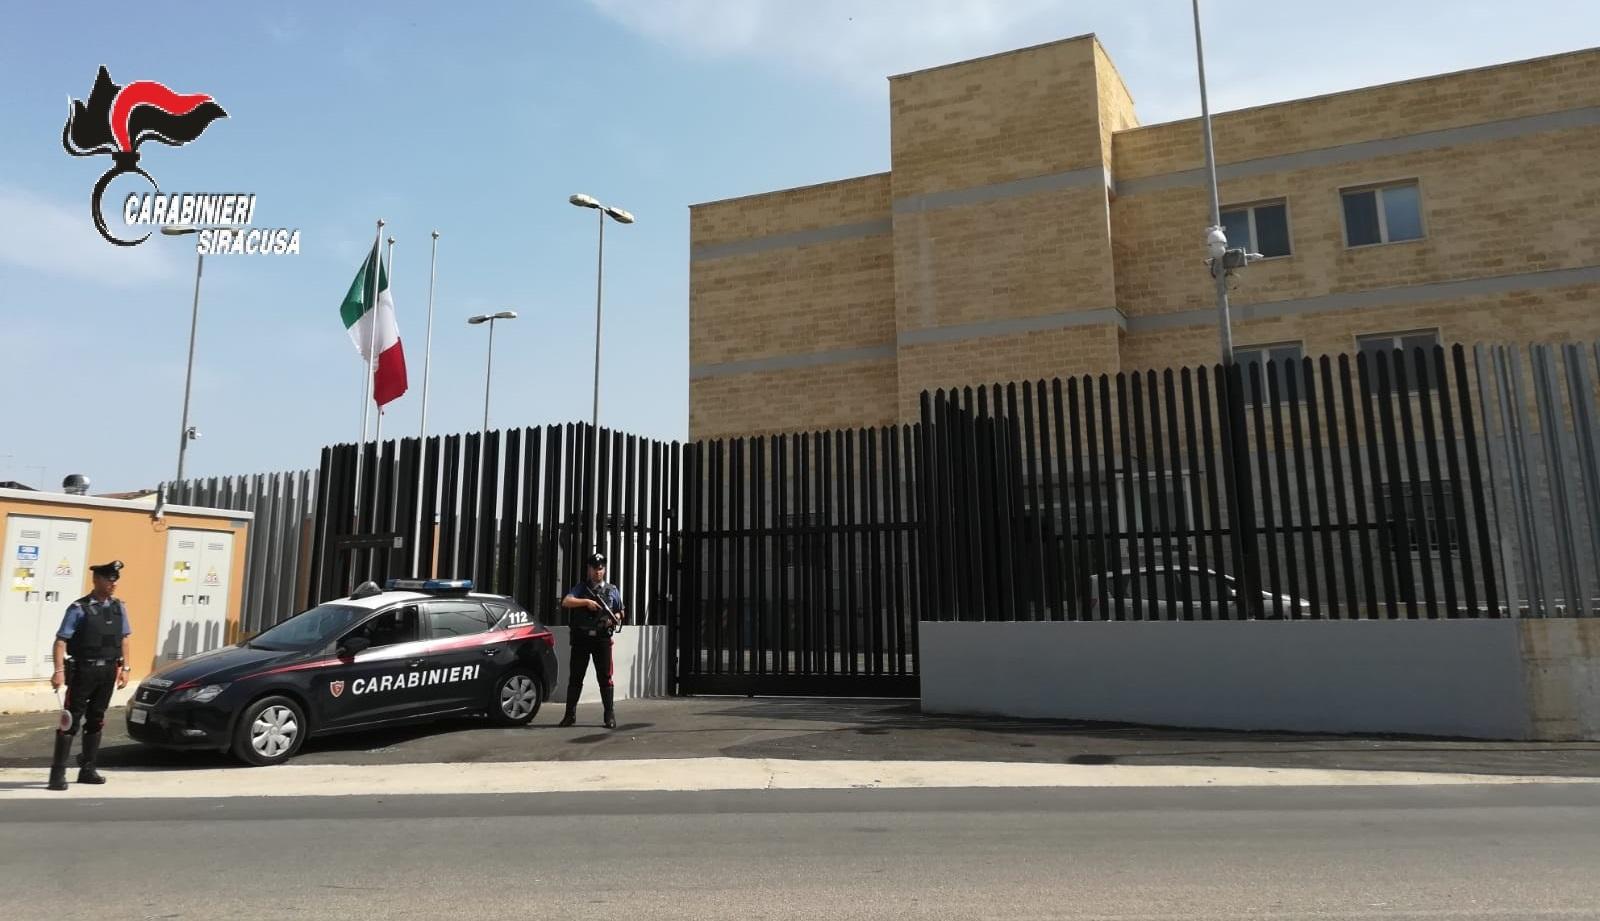 Sortino, un uomo è stato denunciato dai carabinieri per allaccio abusivo di energia elettrica e droga